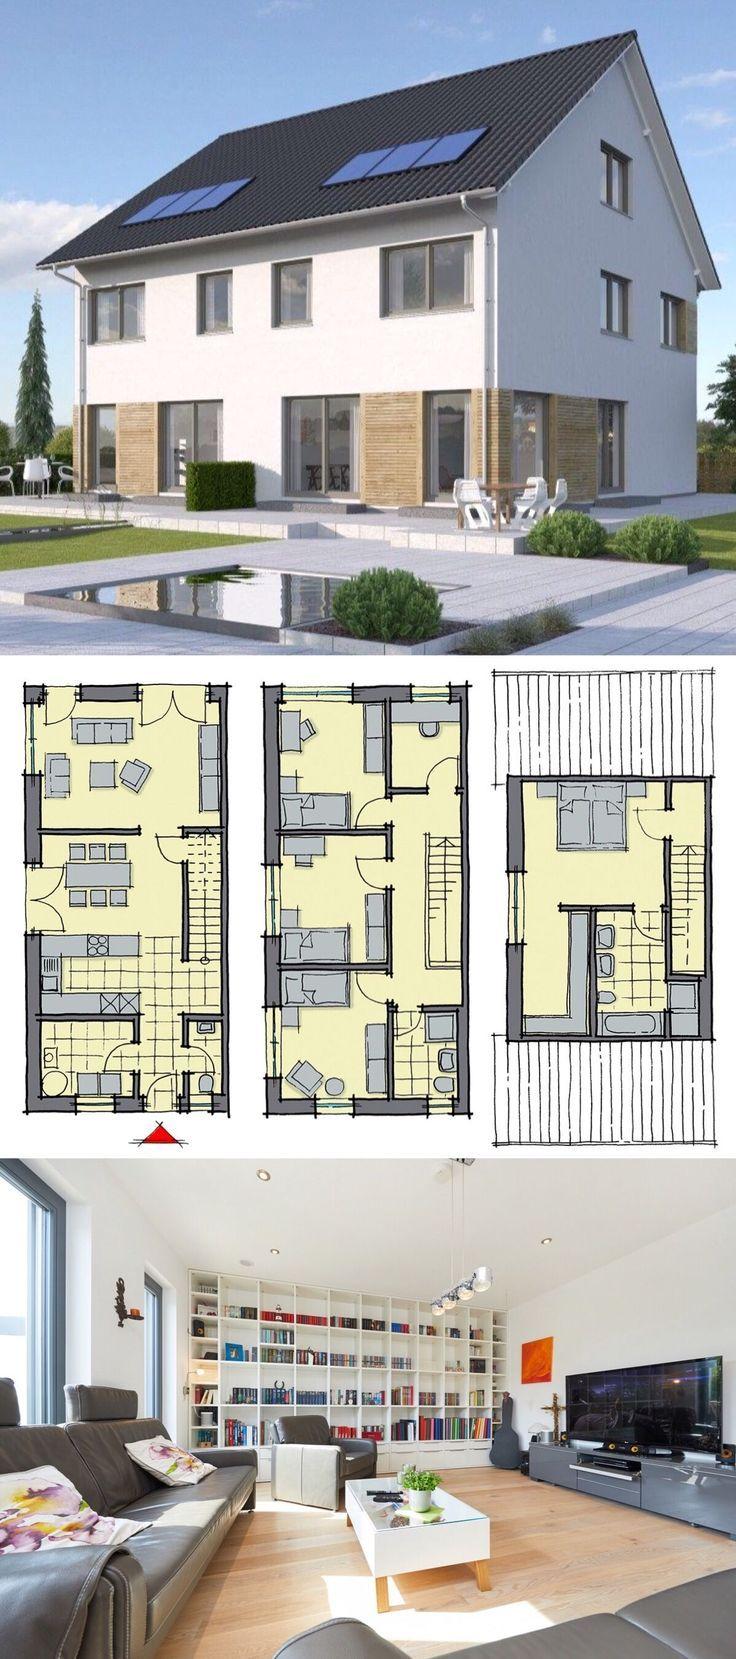 Modernes Doppelhaus als Fertighaus schlüsselfertig mit